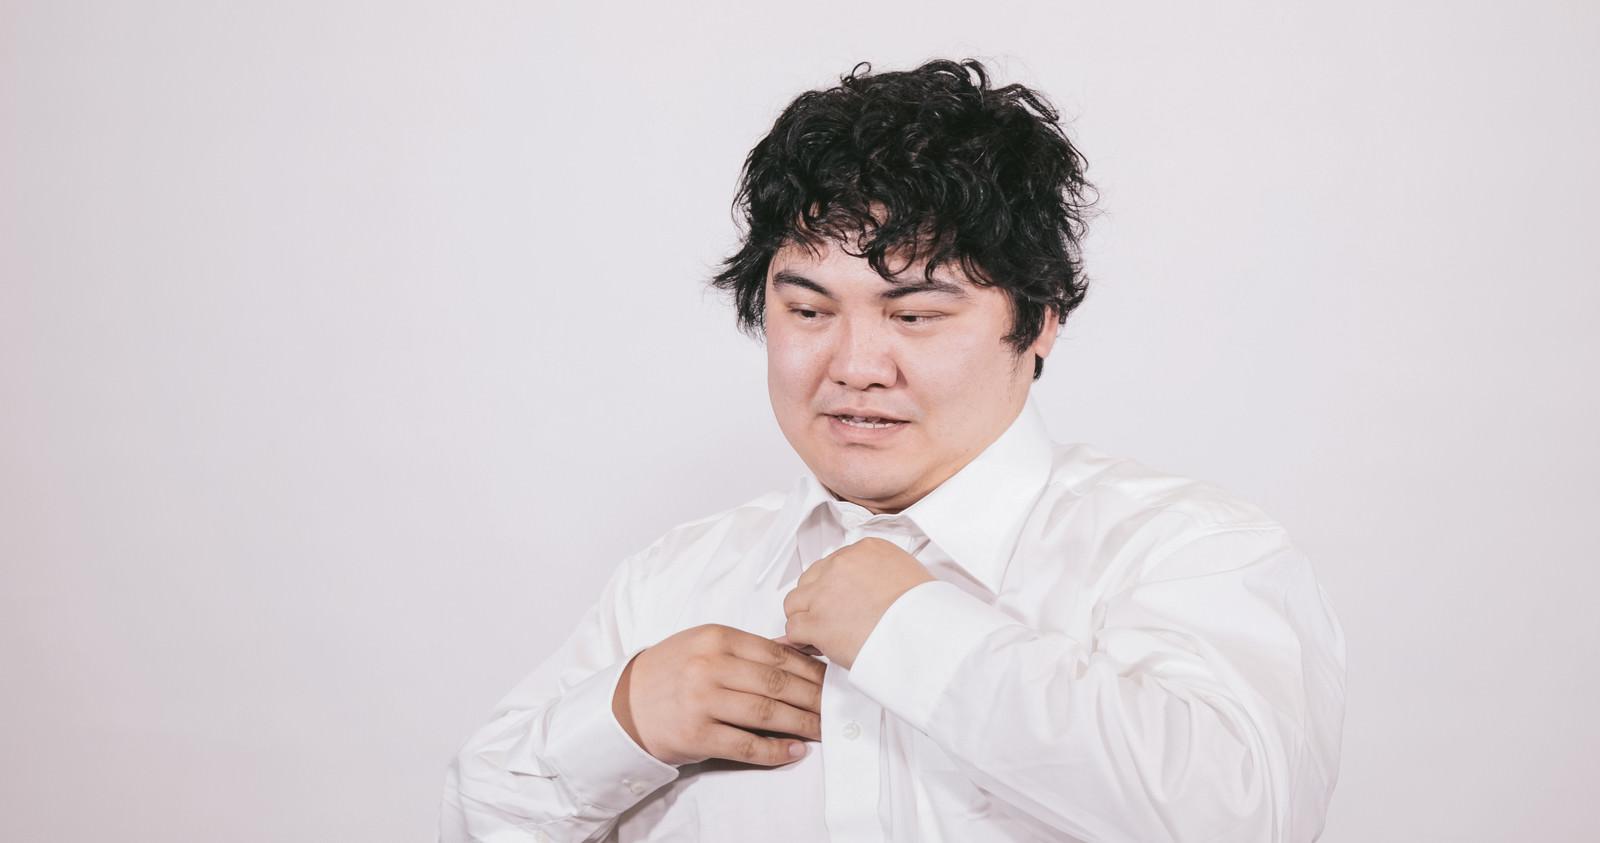 「仕事が終わりワイシャツを脱ぐビジネスマン仕事が終わりワイシャツを脱ぐビジネスマン」[モデル:段田隼人]のフリー写真素材を拡大